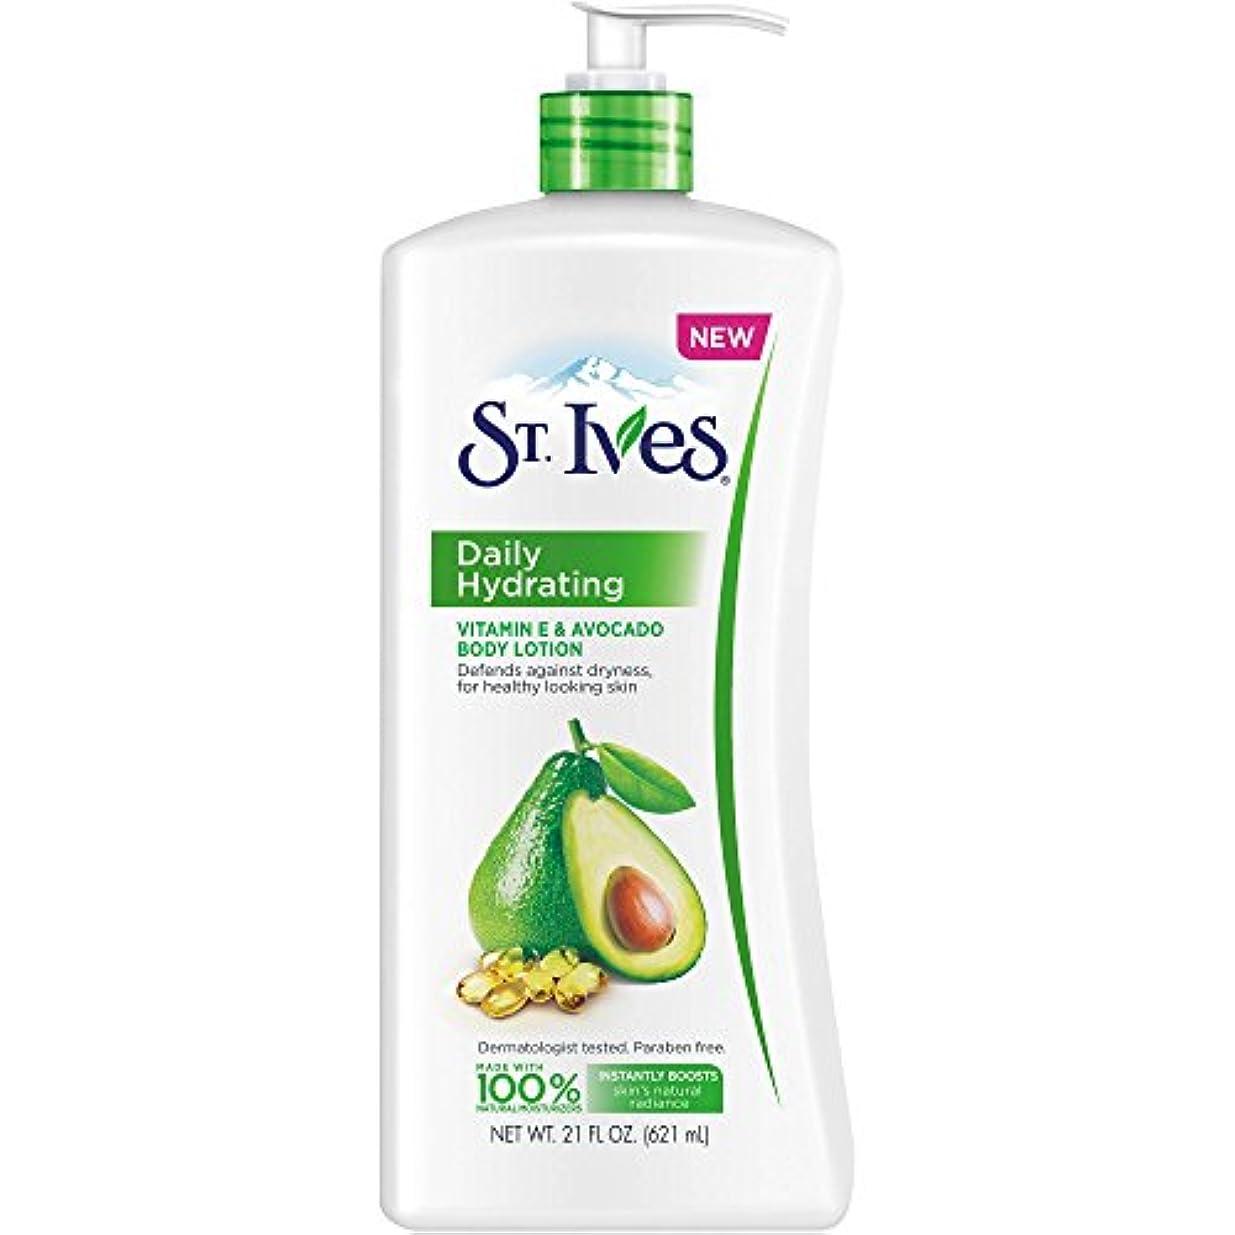 優しい感じしなやかなSt. Ives Daily Hydrating Vitamin E and Avocado Body Lotion [並行輸入品]